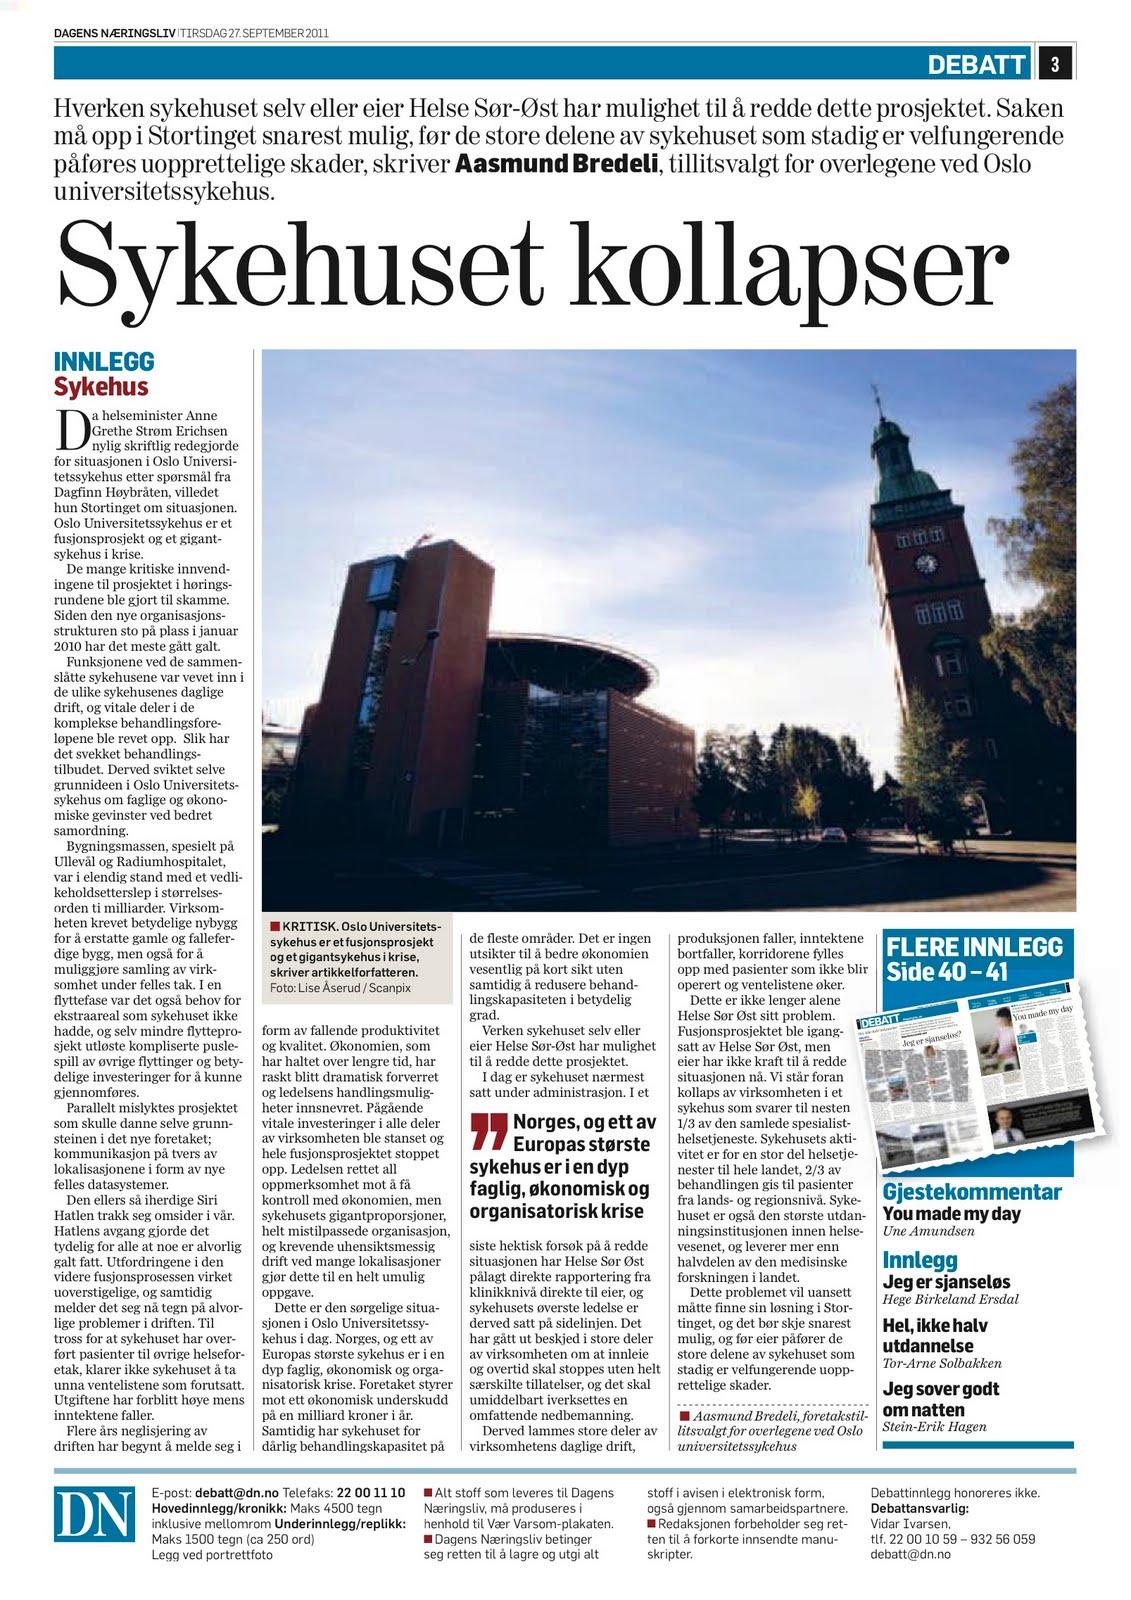 http://www.nettkirurgen.no/archive_blogny/2011/11/05/OUSKollapsDN270911/Sykehuset%20kollapser%20DN%2020110927.jpg